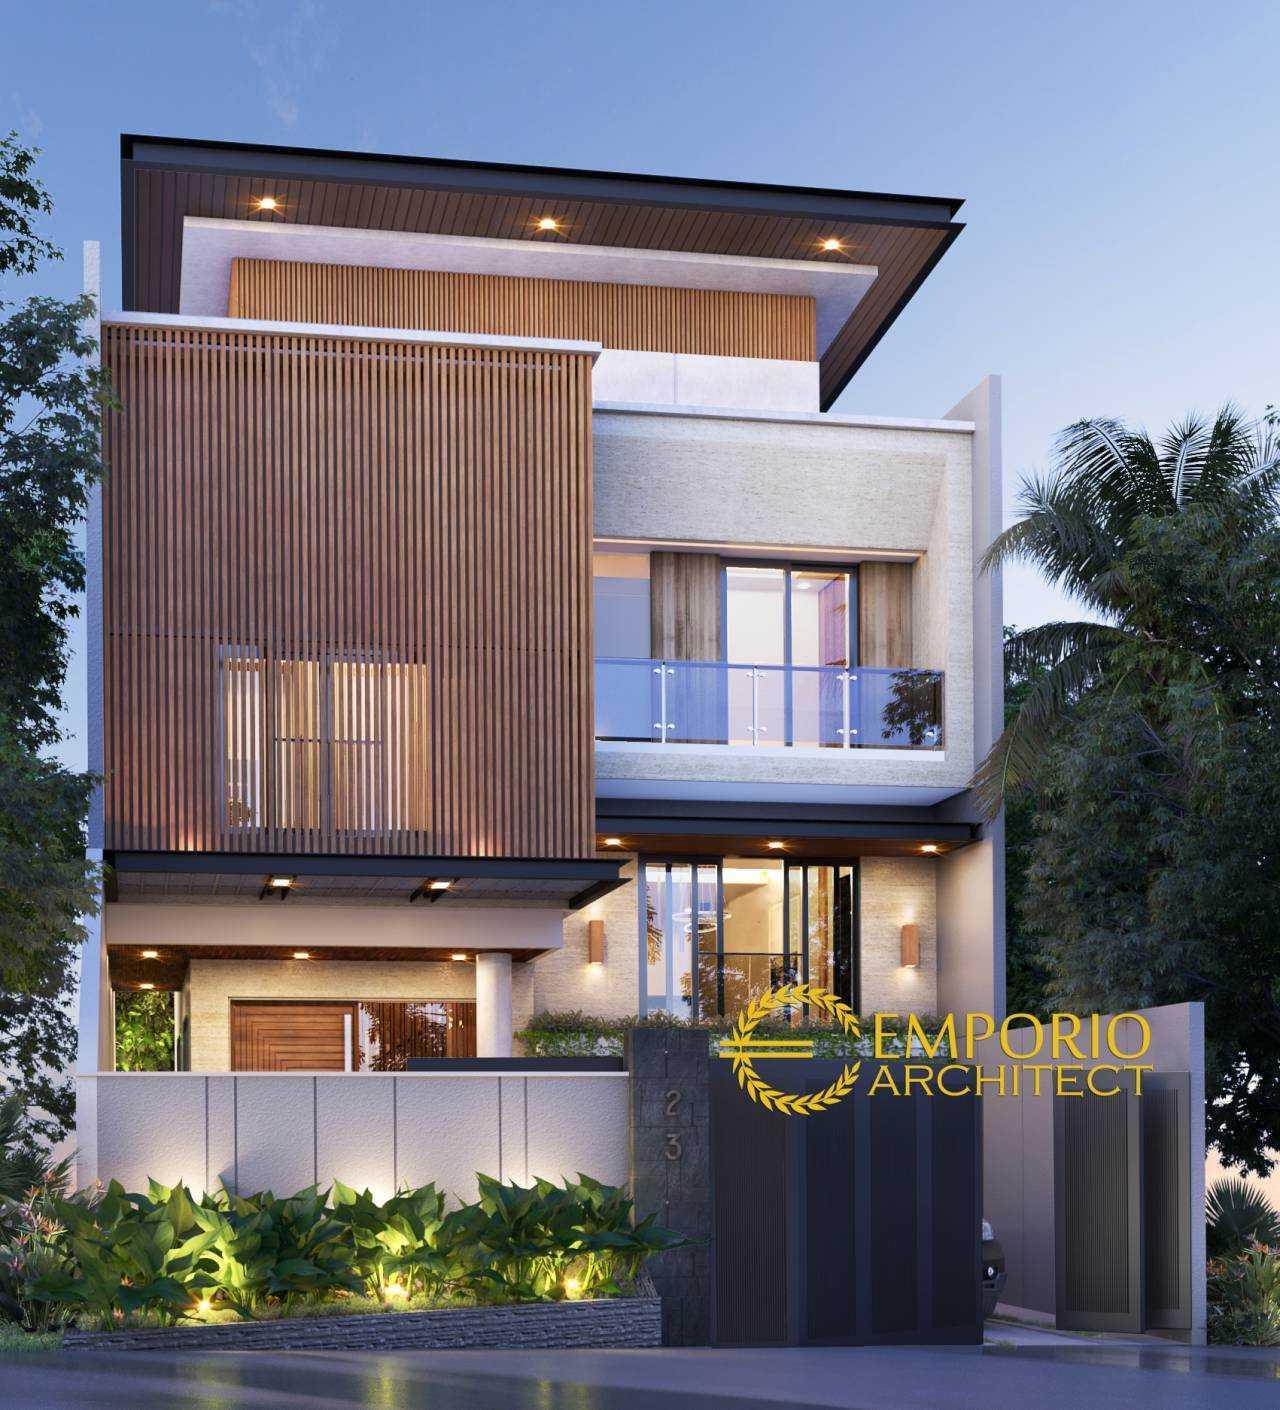 Emporio Architect Jasa Arsitek Balikpapan Desain Rumah Modern 3 Lantai Type B 796 @ Balikpapan, Kalimantan Timur Balikpapan, Kota Balikpapan, Kalimantan Timur, Indonesia Balikpapan, Kota Balikpapan, Kalimantan Timur, Indonesia Emporio-Architect-Jasa-Arsitek-Balikpapan-Desain-Rumah-Modern-3-Lantai-Type-B-796-Balikpapan-Kalimantan-Timur  90629